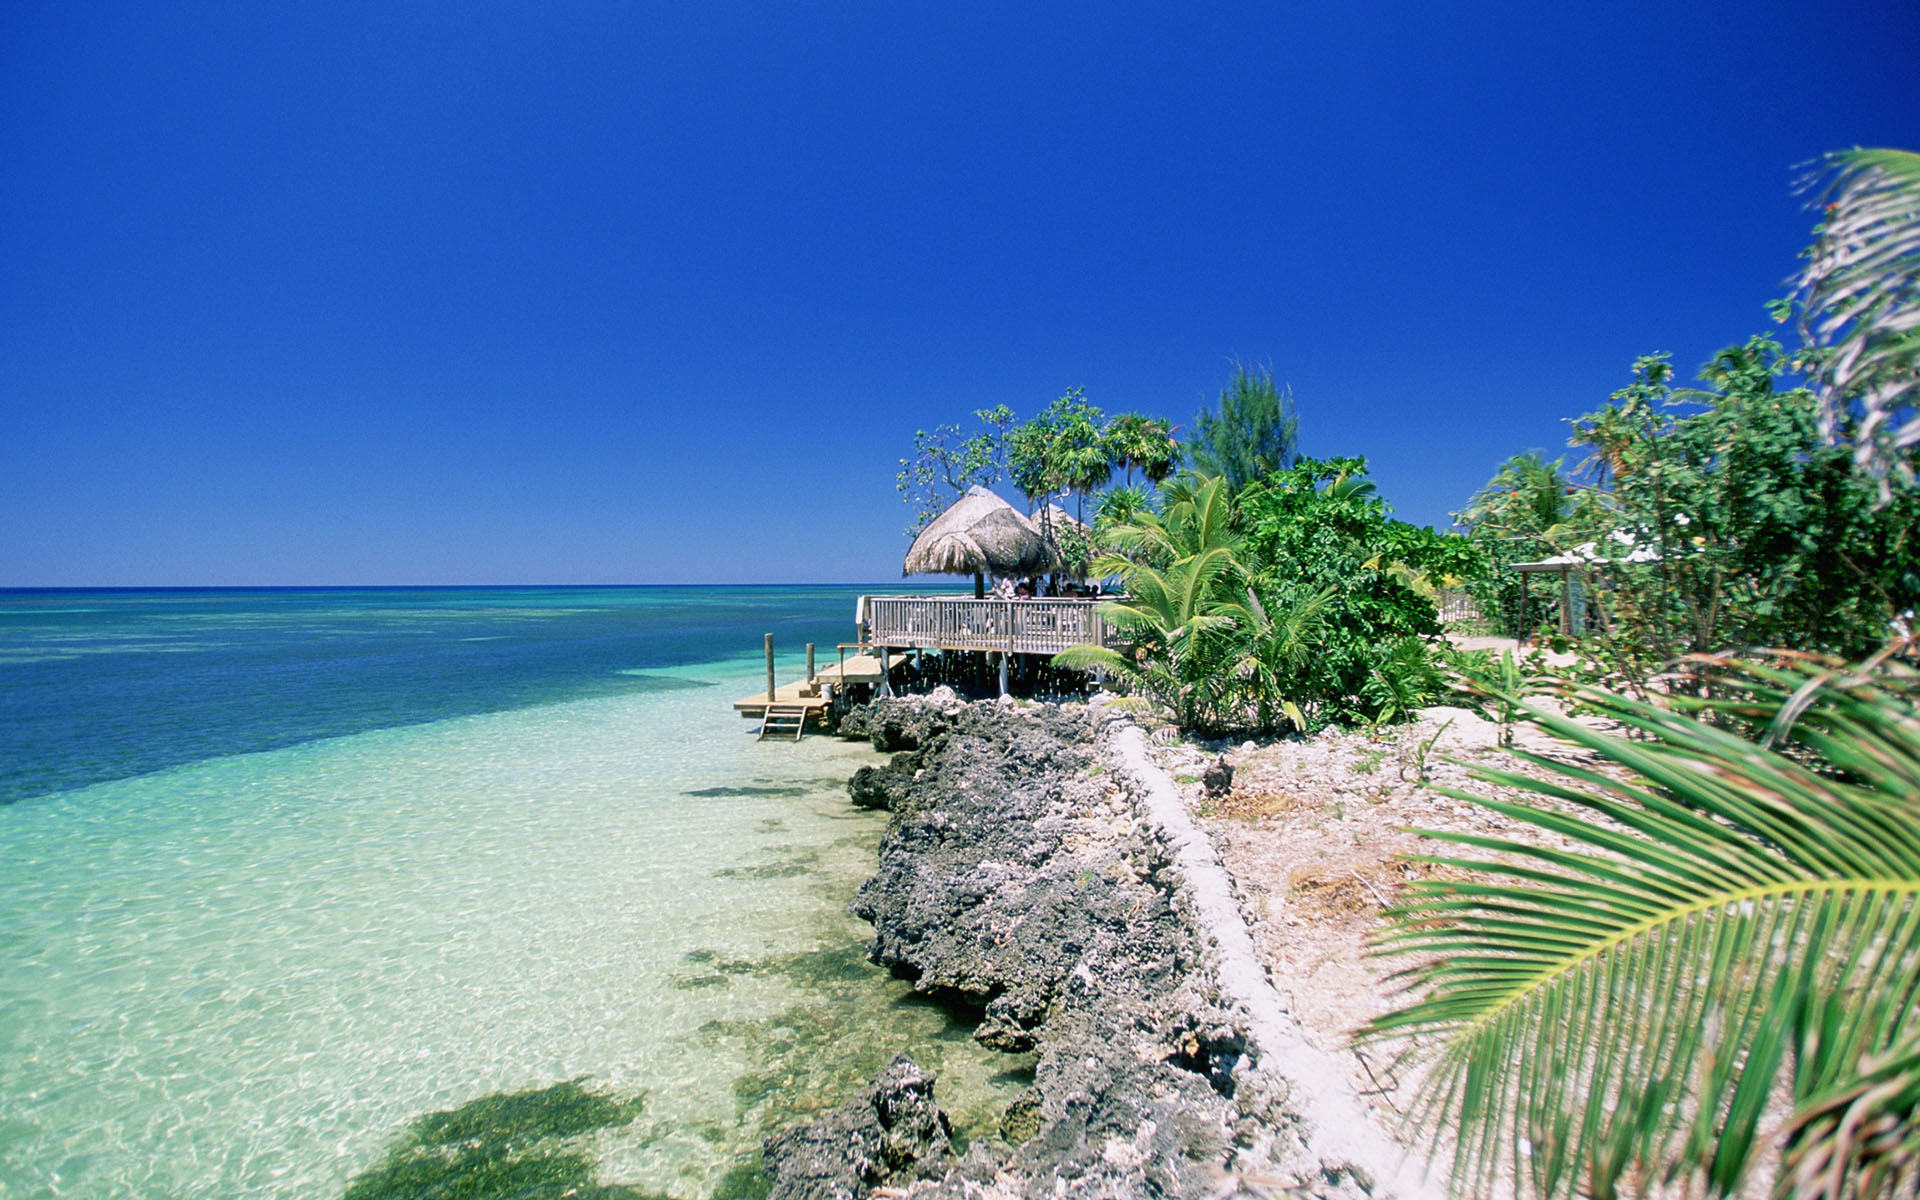 Caribbean, Honduras, Roatan Island, West End Beach, View of a beach